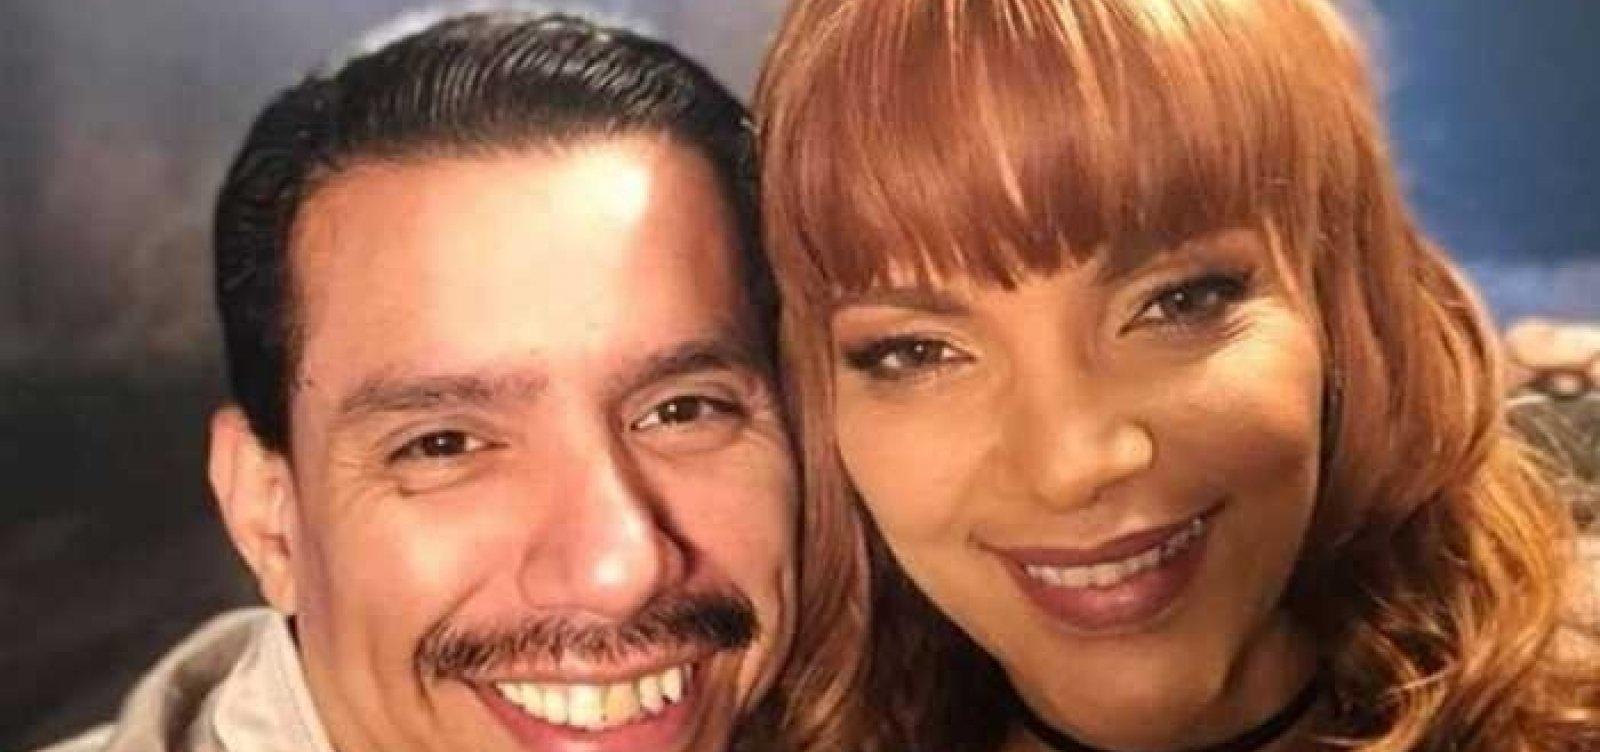 [Polícia detalha investigação sobre morte do marido de Flordelis e diz que motivação 'não está definida']